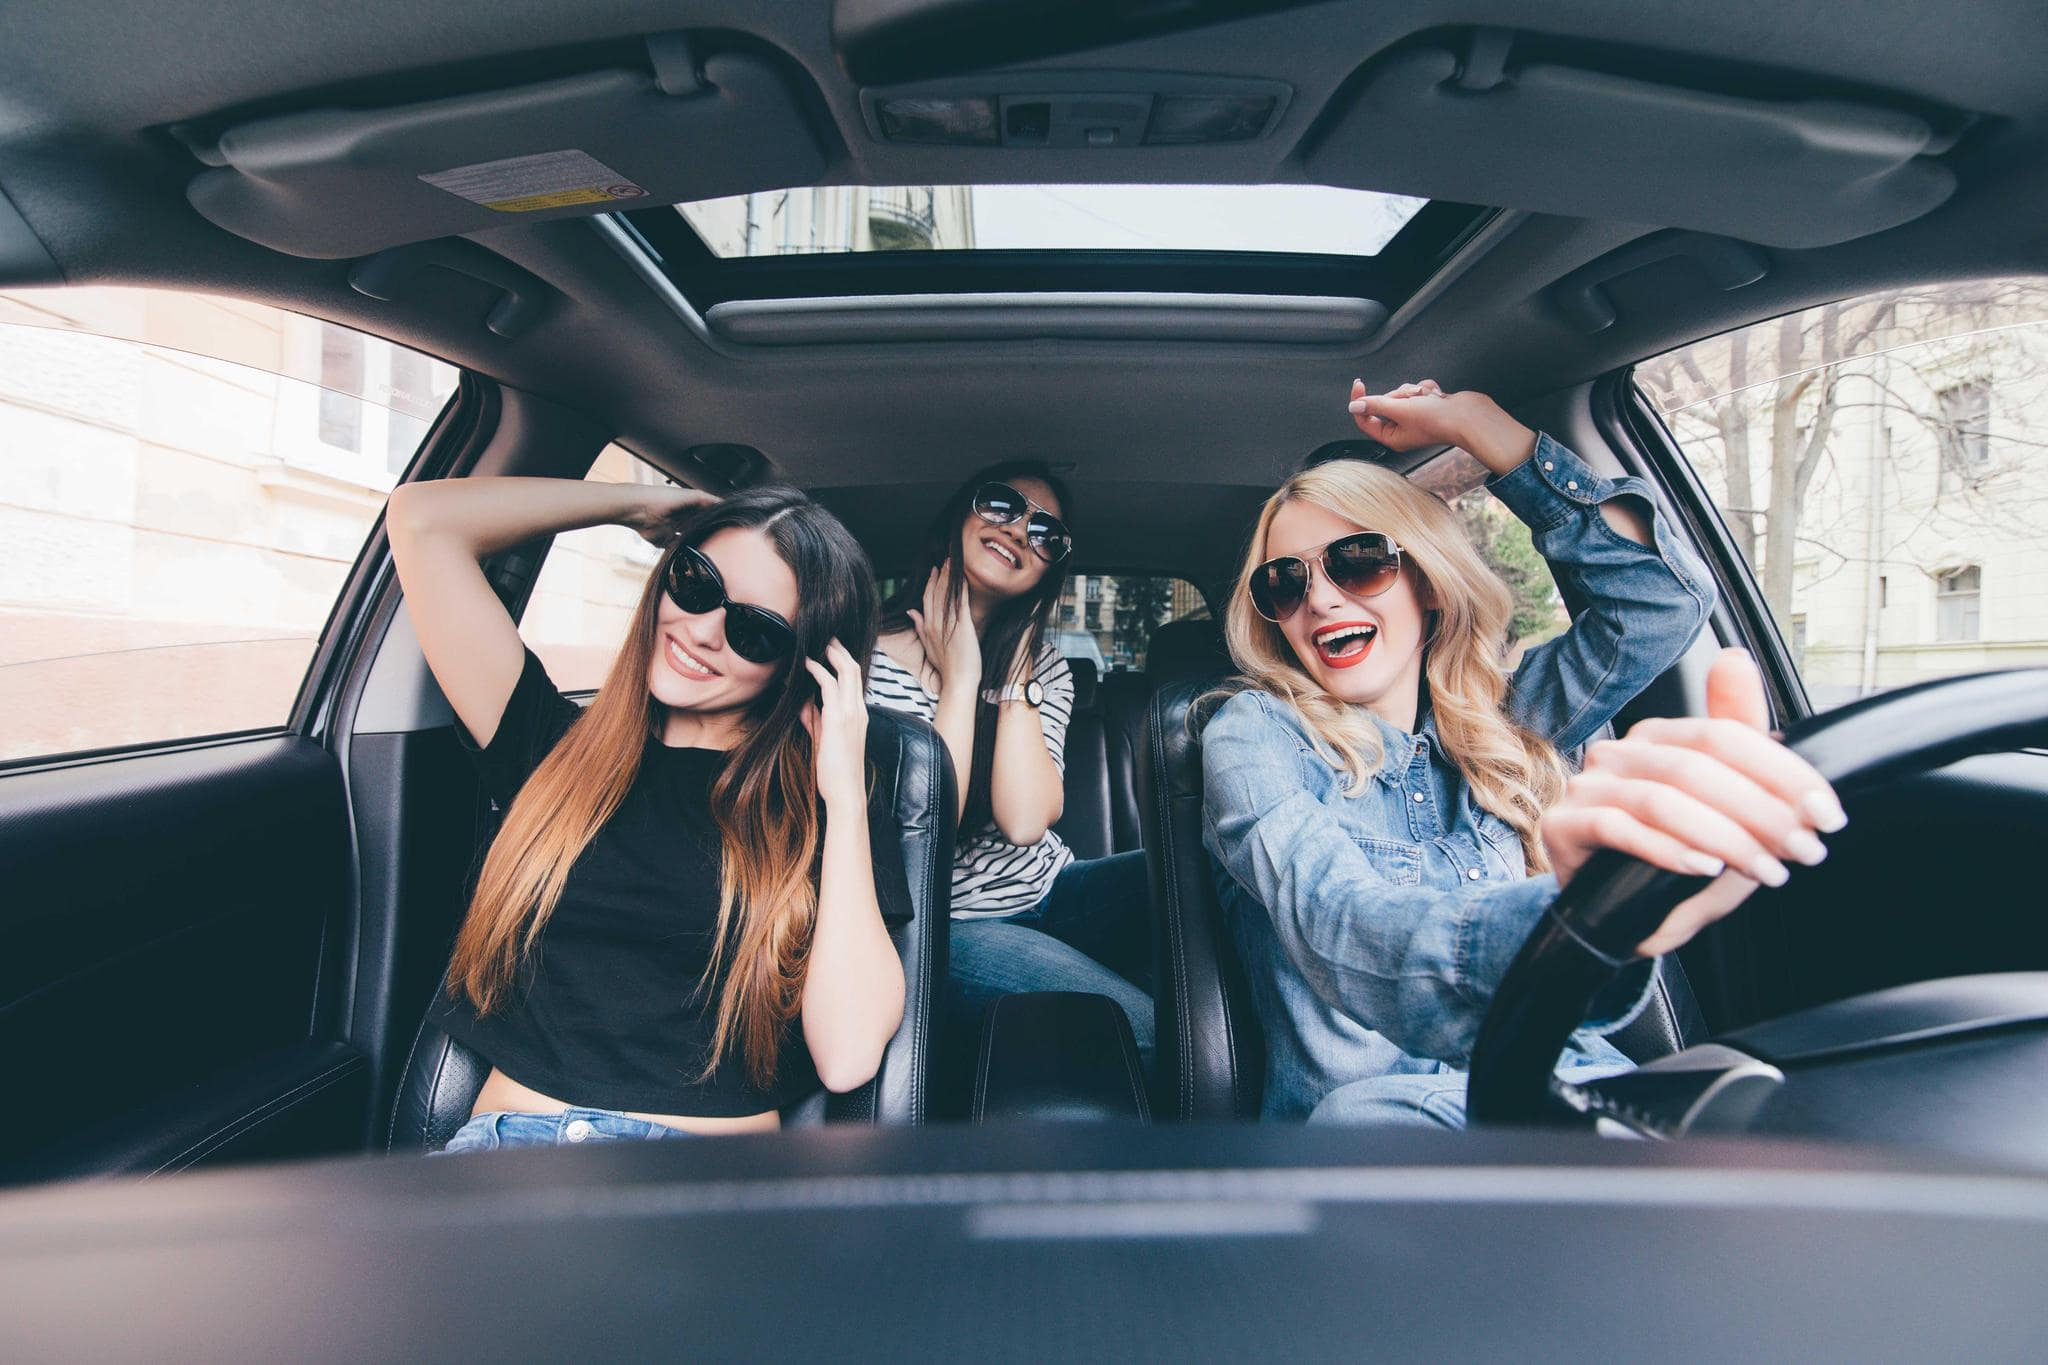 Слушают музыку в машине